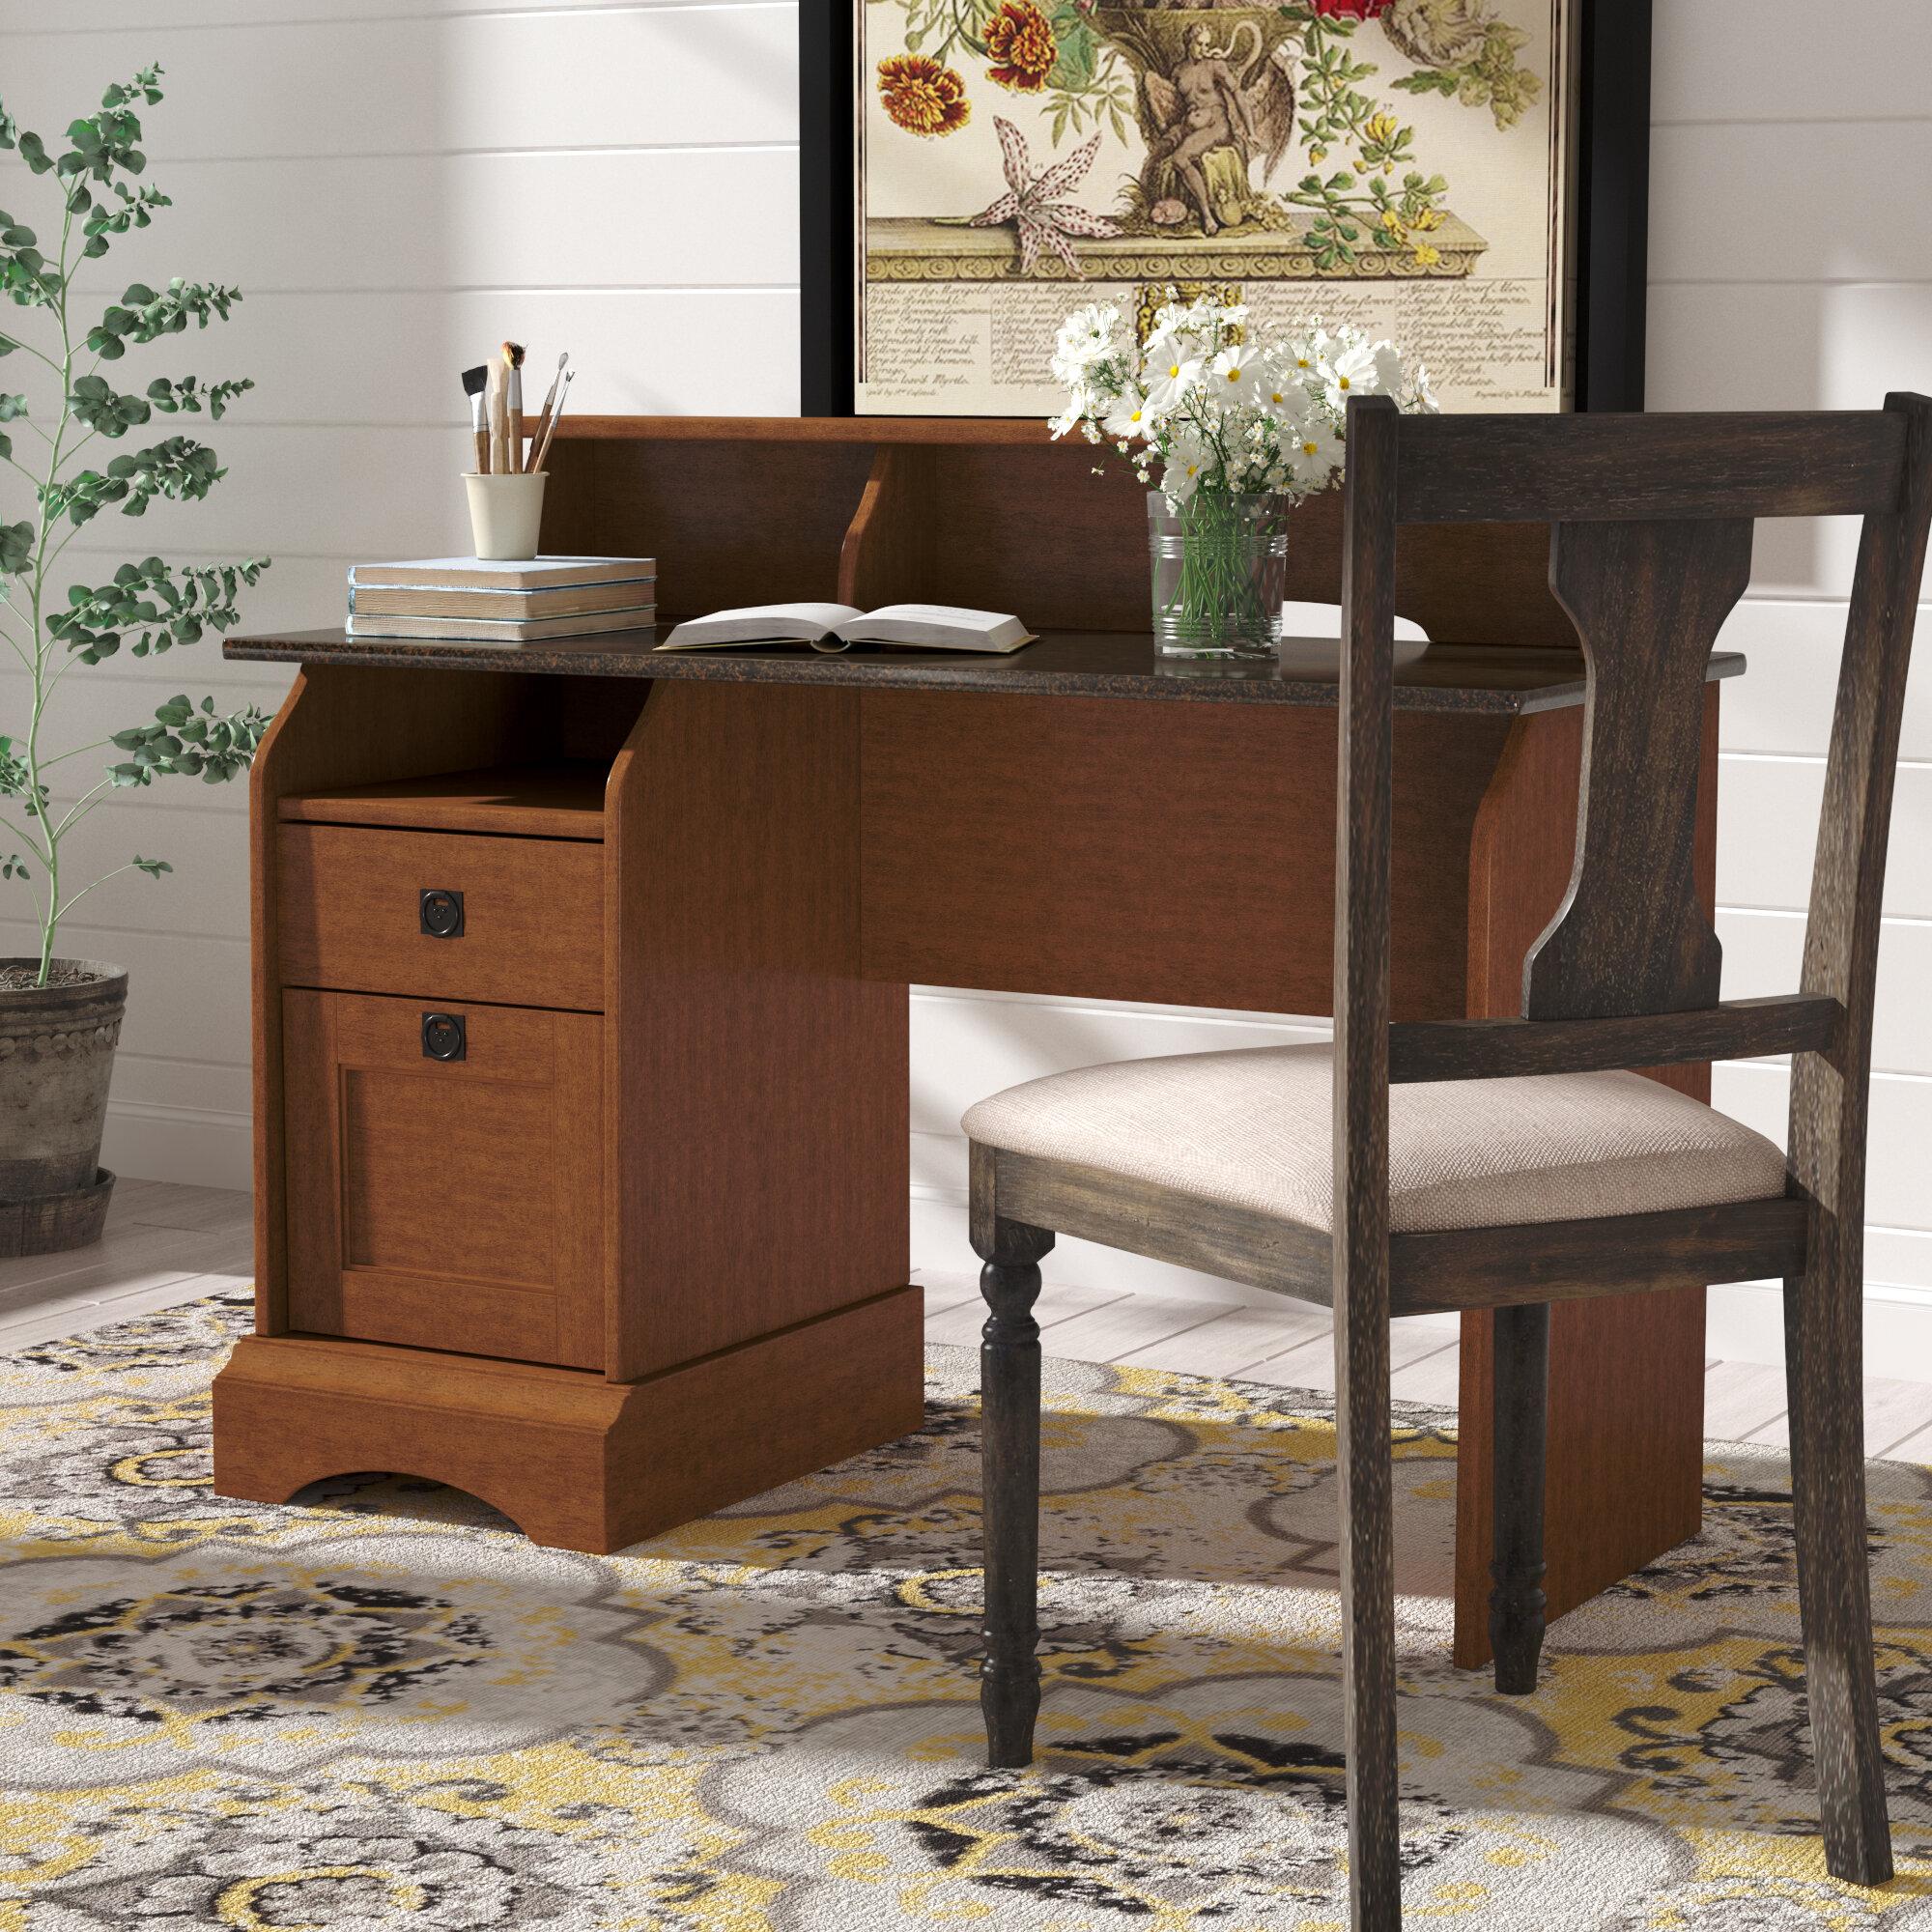 barker furniture. Barker Furniture